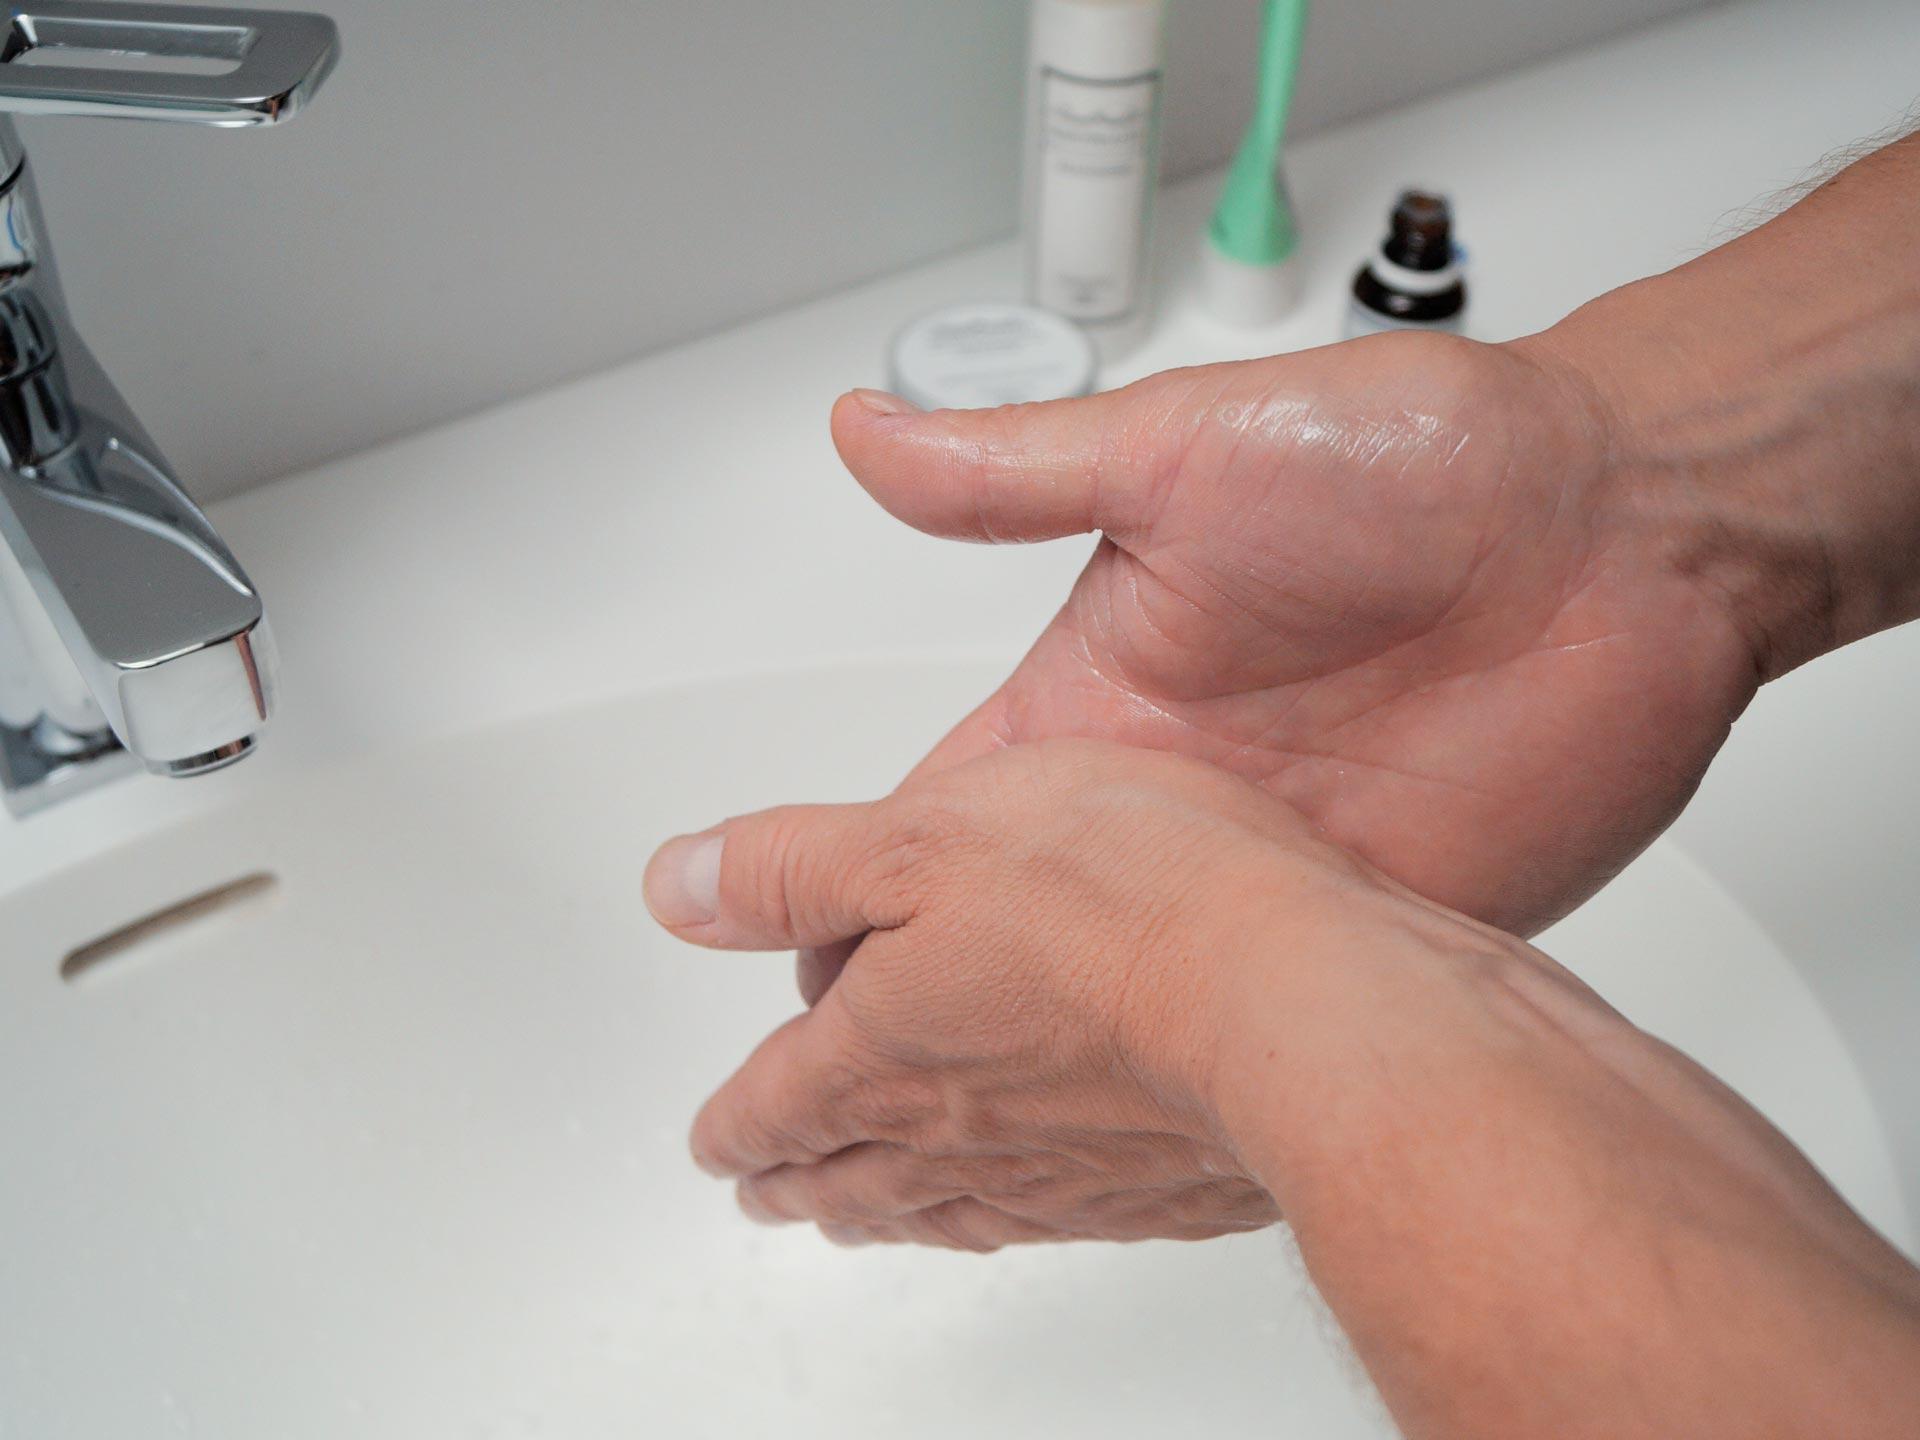 Das Rasieröl mit der Wasser in der Hand verreiben.